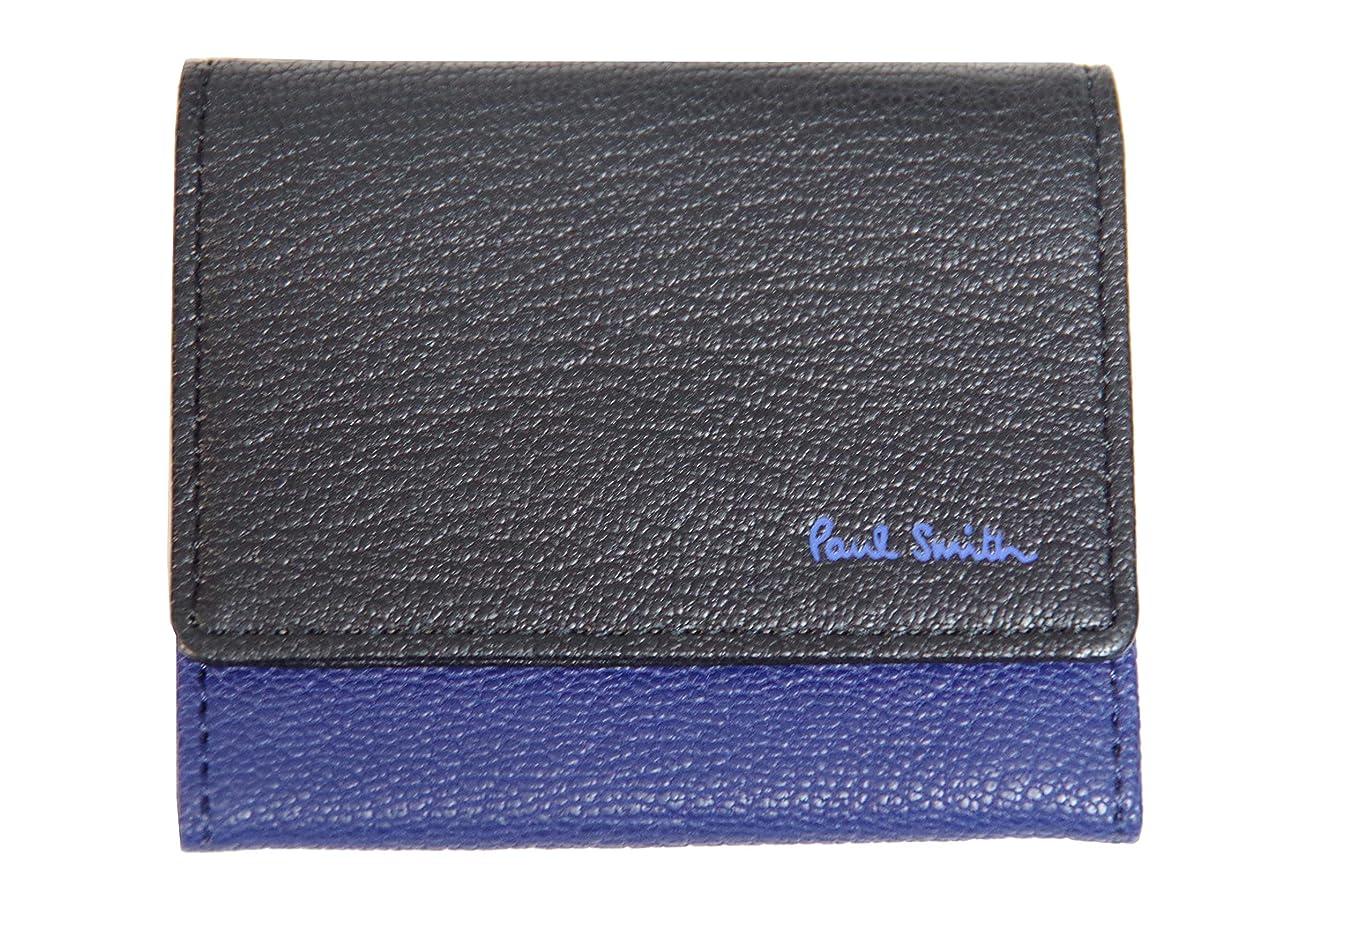 エントリ海藻遅滞[ポール?スミス] 小銭入れ 財布 ブルー×ブラック C13010 新品